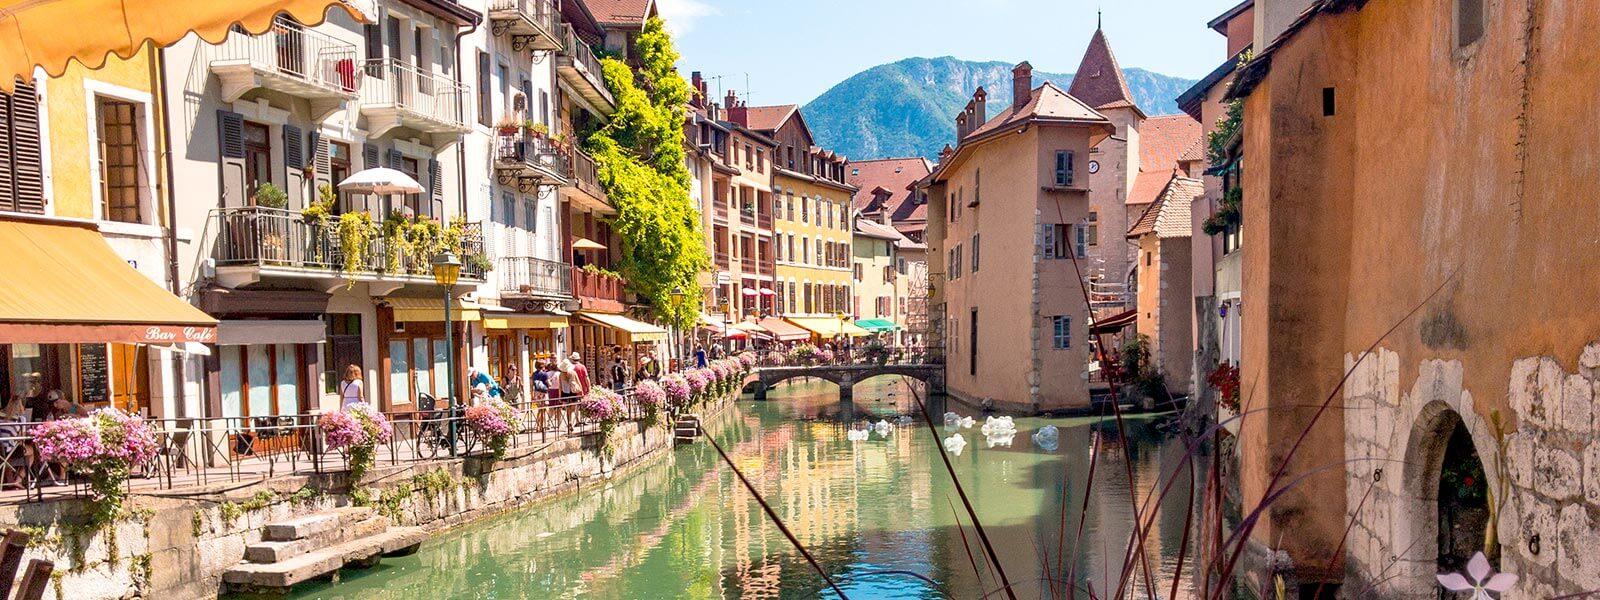 Kanpai Tourisme - Annecy & Pérouges